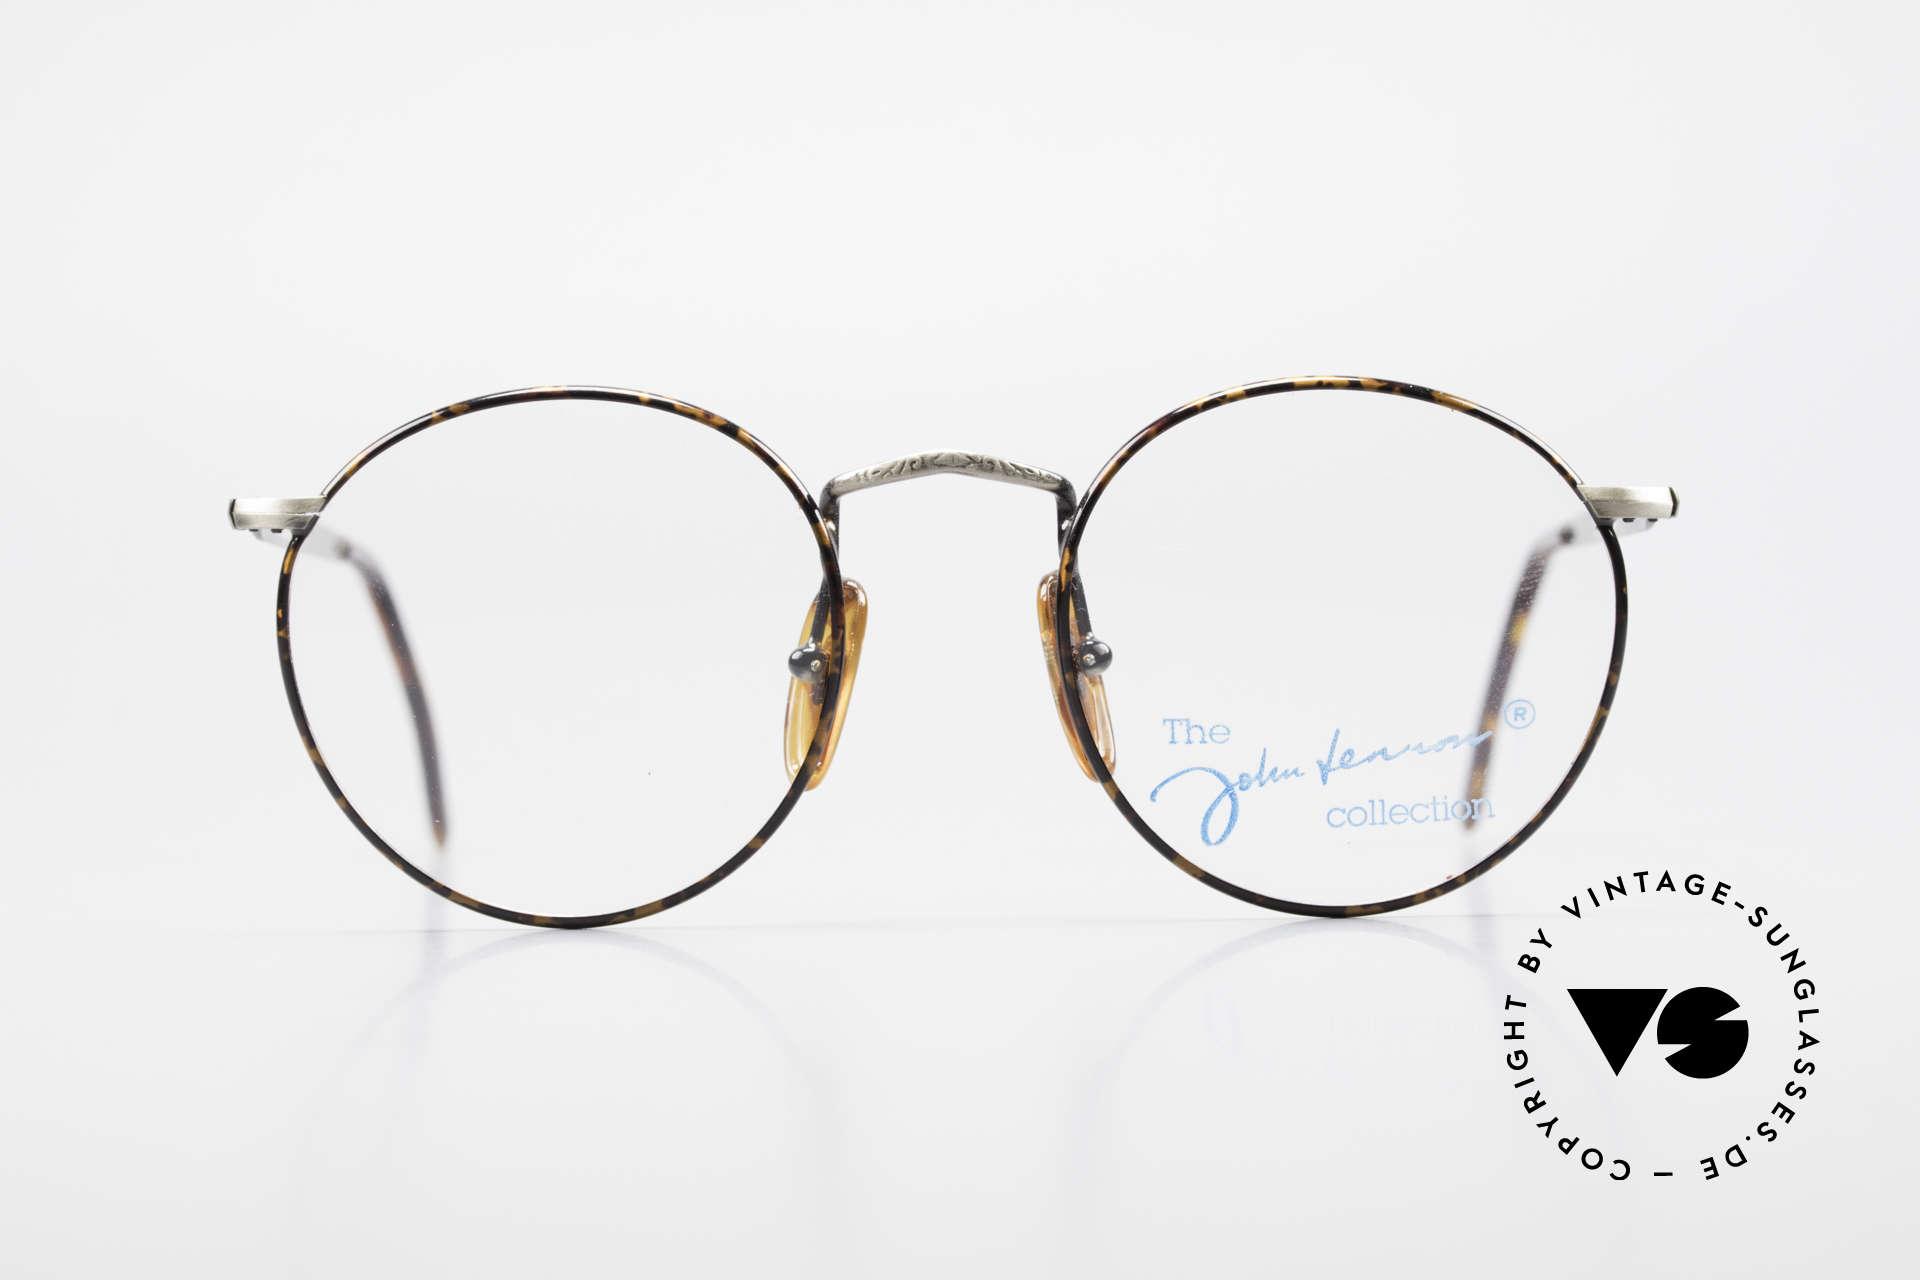 John Lennon - Imagine Panto Glasses With Clip On, never worn (like all our vintage John Lennon sunglasses), Made for Men and Women